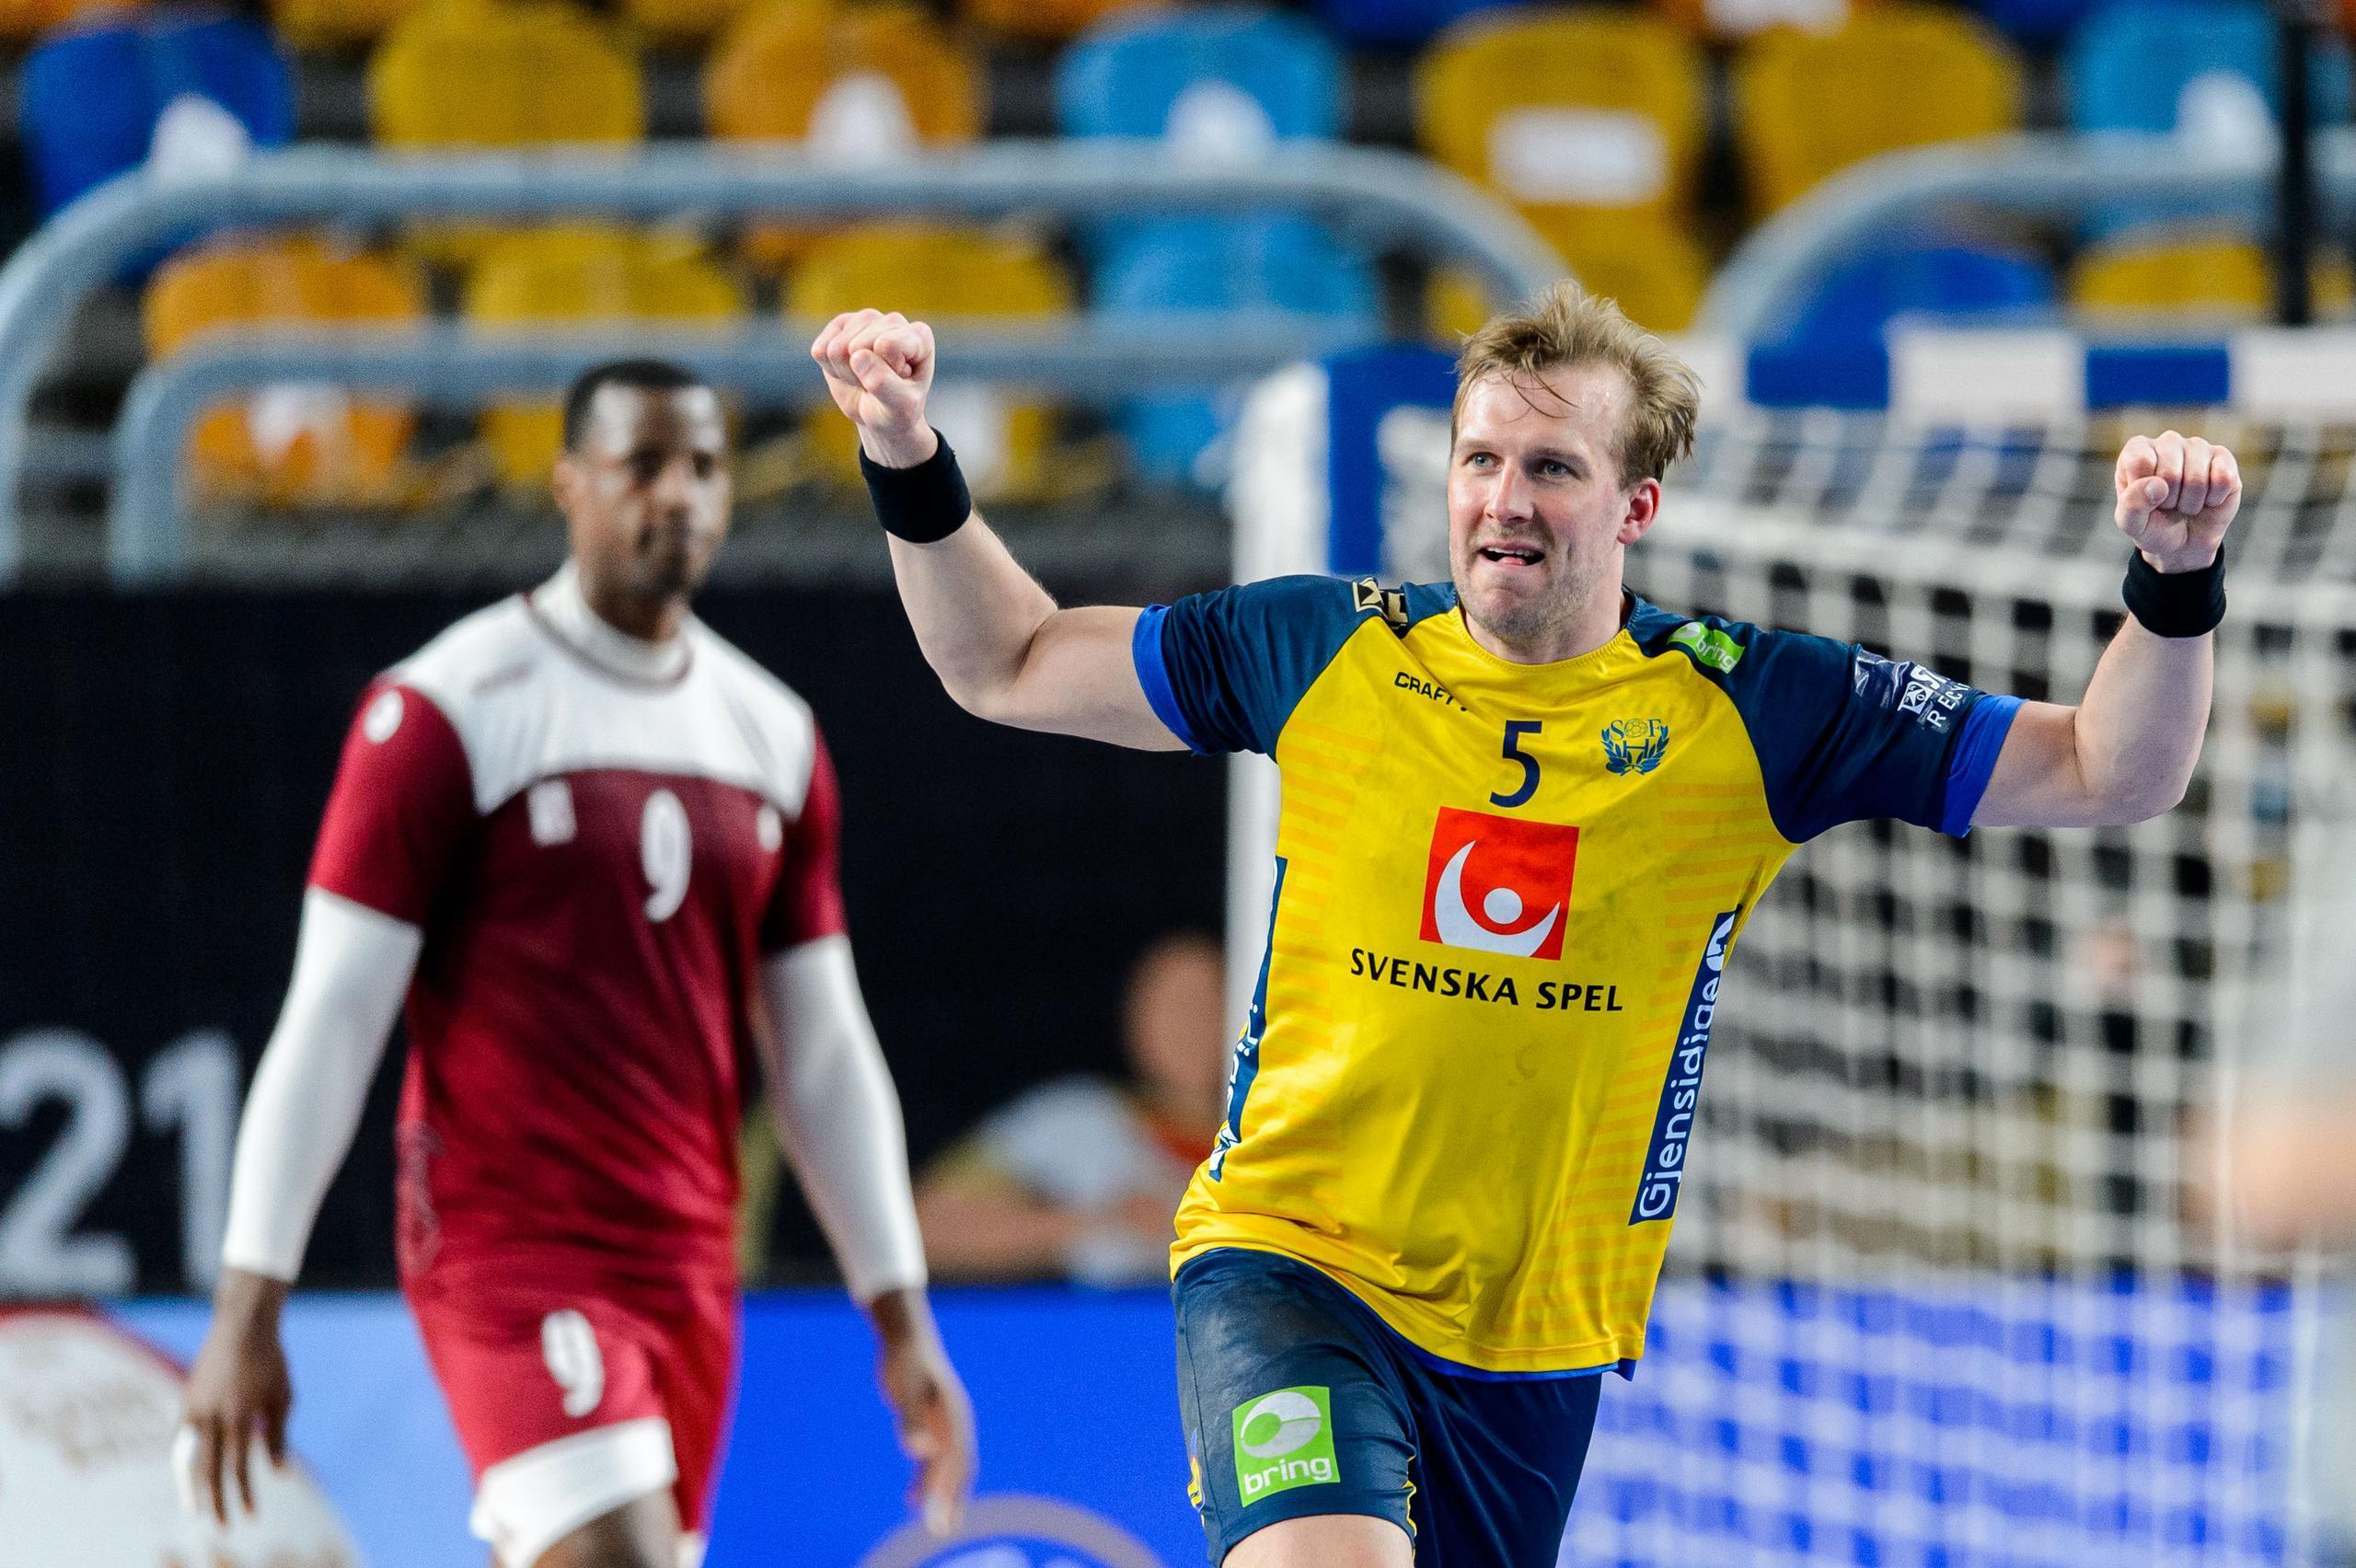 Sverige klart för semifinal efter kross mot Qatar